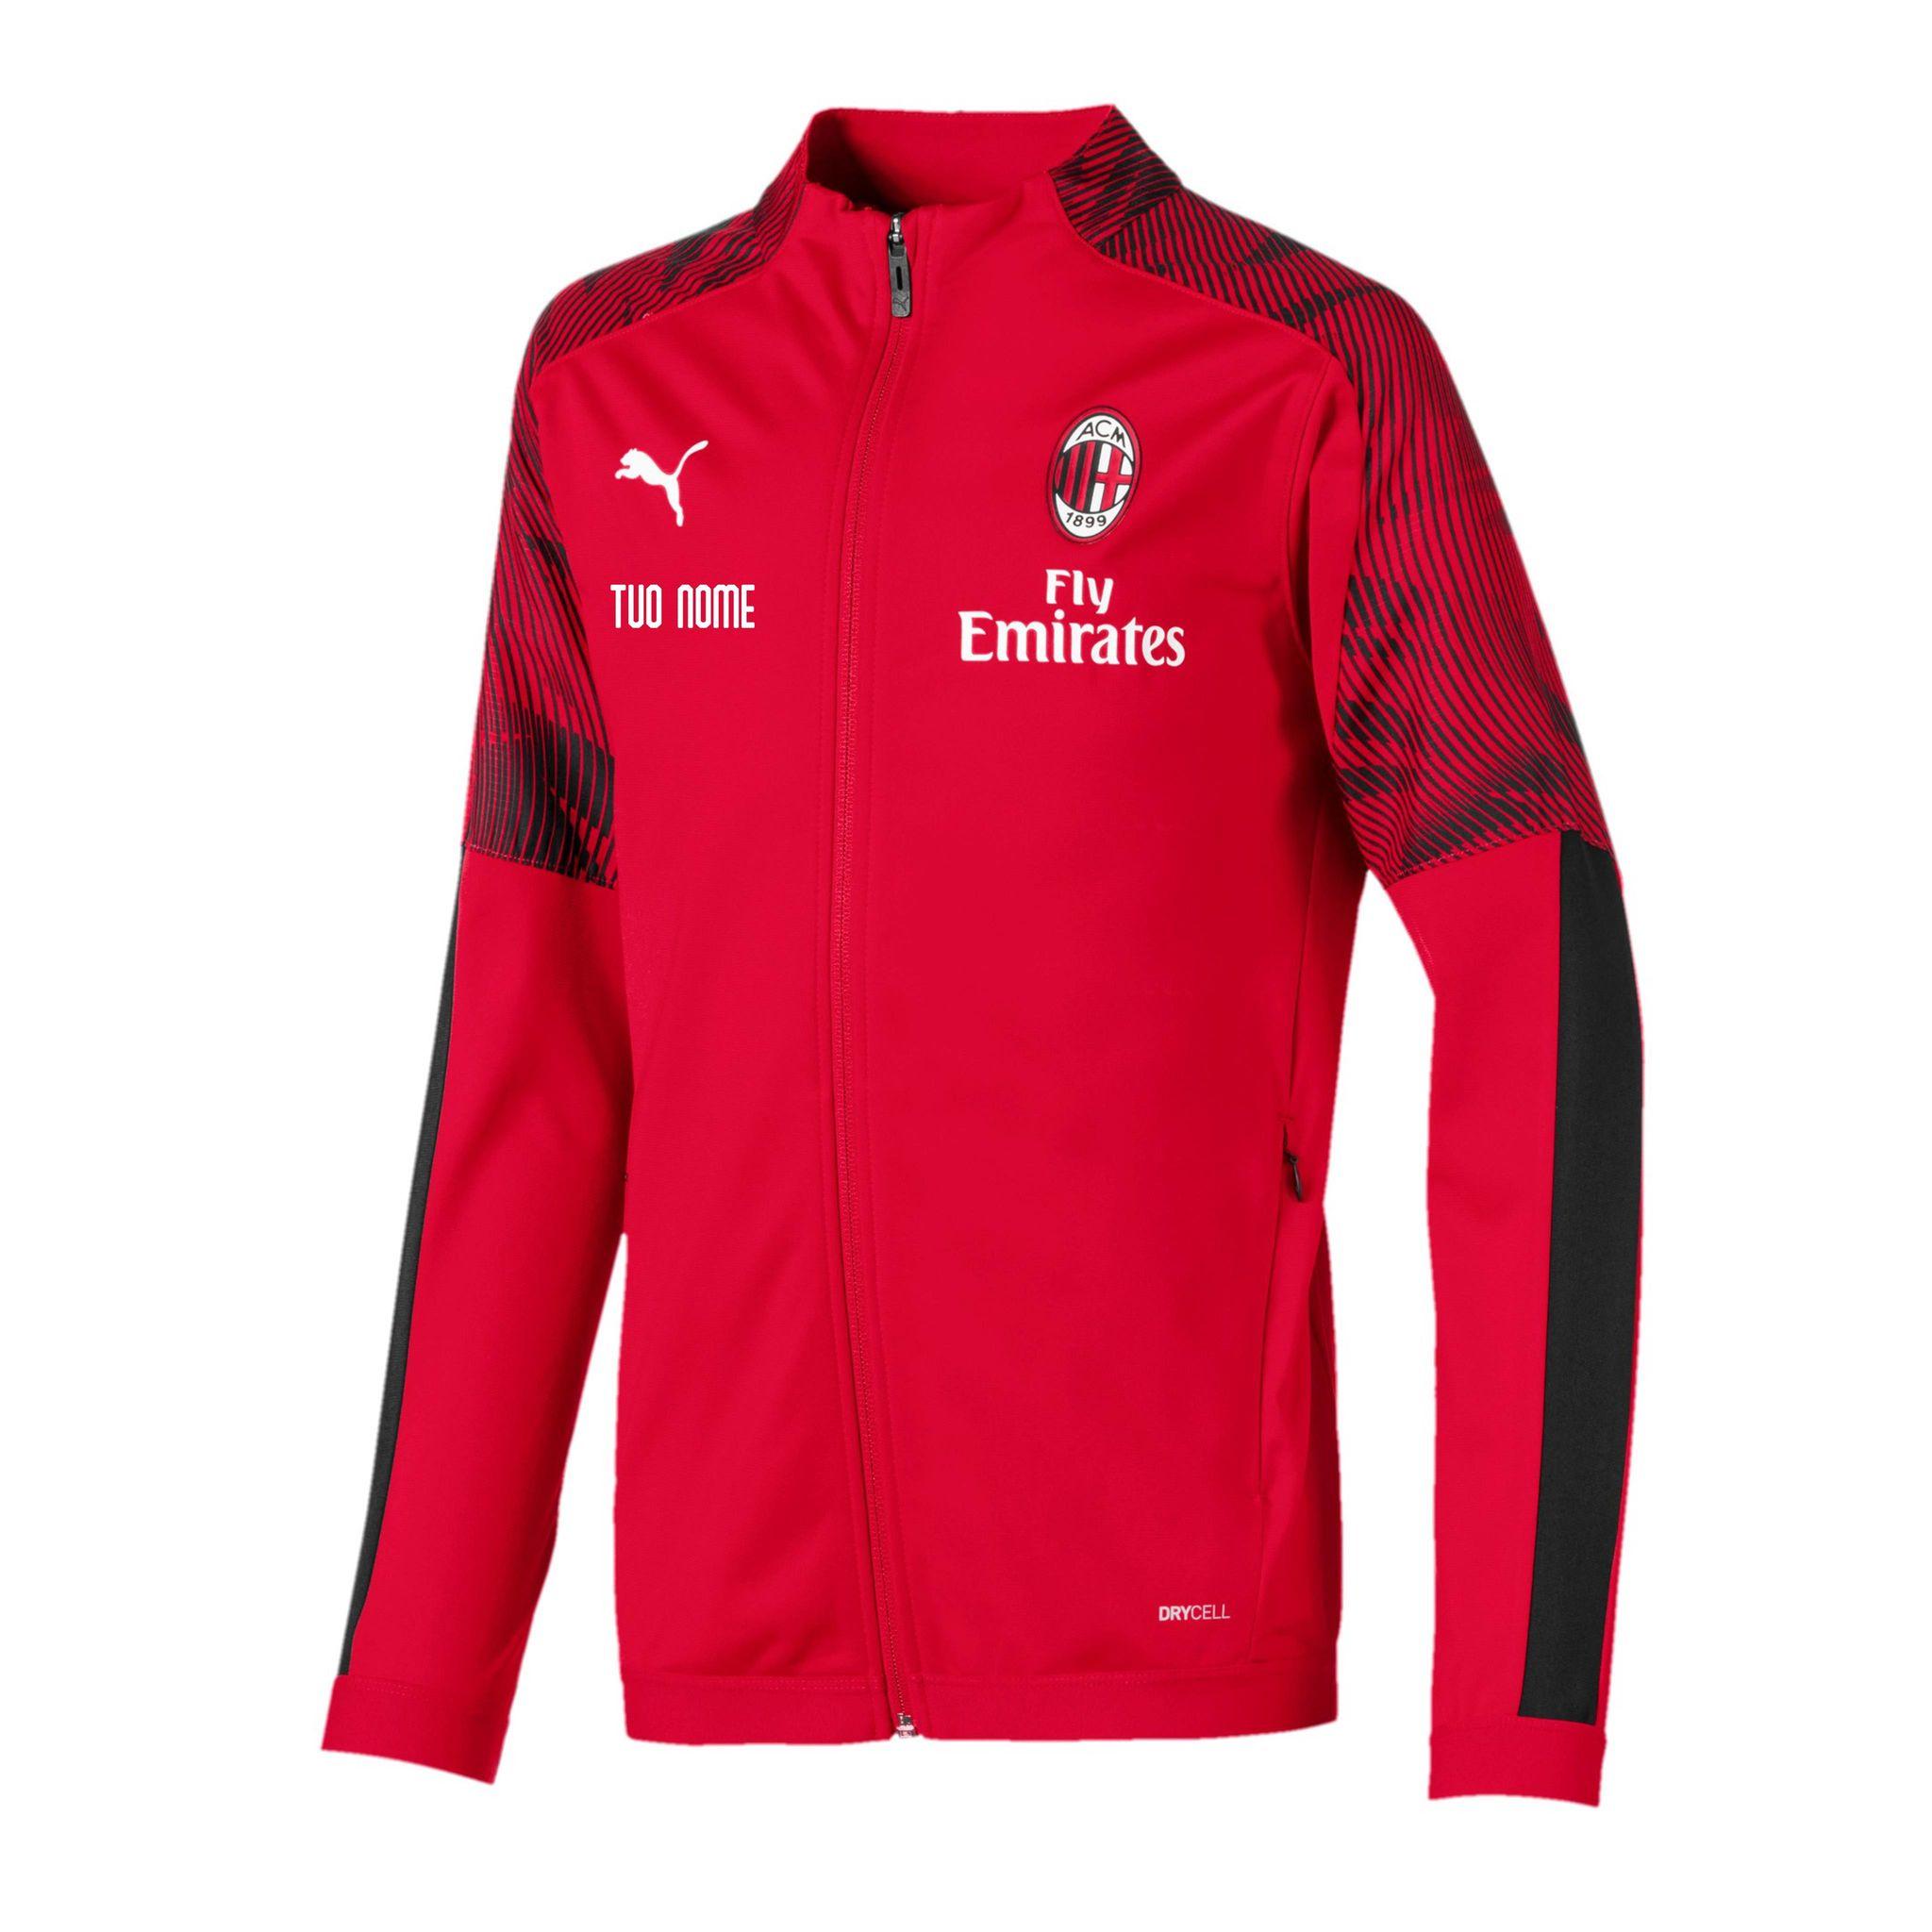 Felpa Rappresentanza Rossa Bambino Ufficiale Puma A.C. Milan 2020/2021